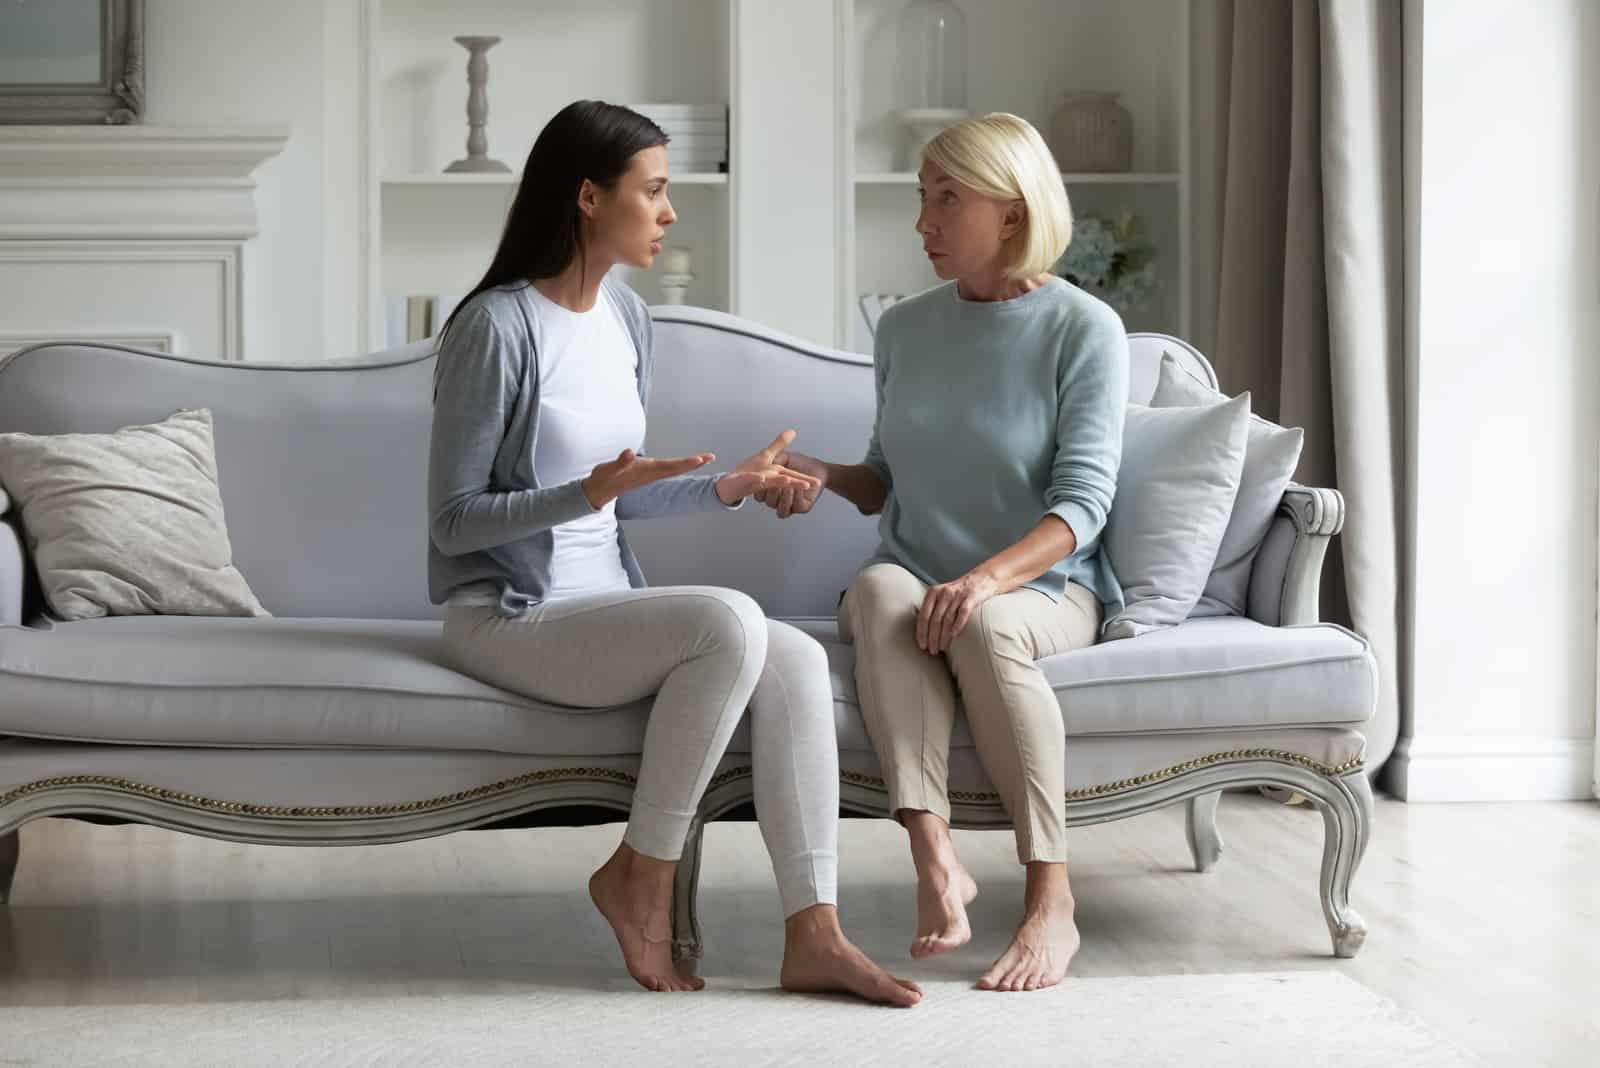 mère et fille discutant assises sur un canapé